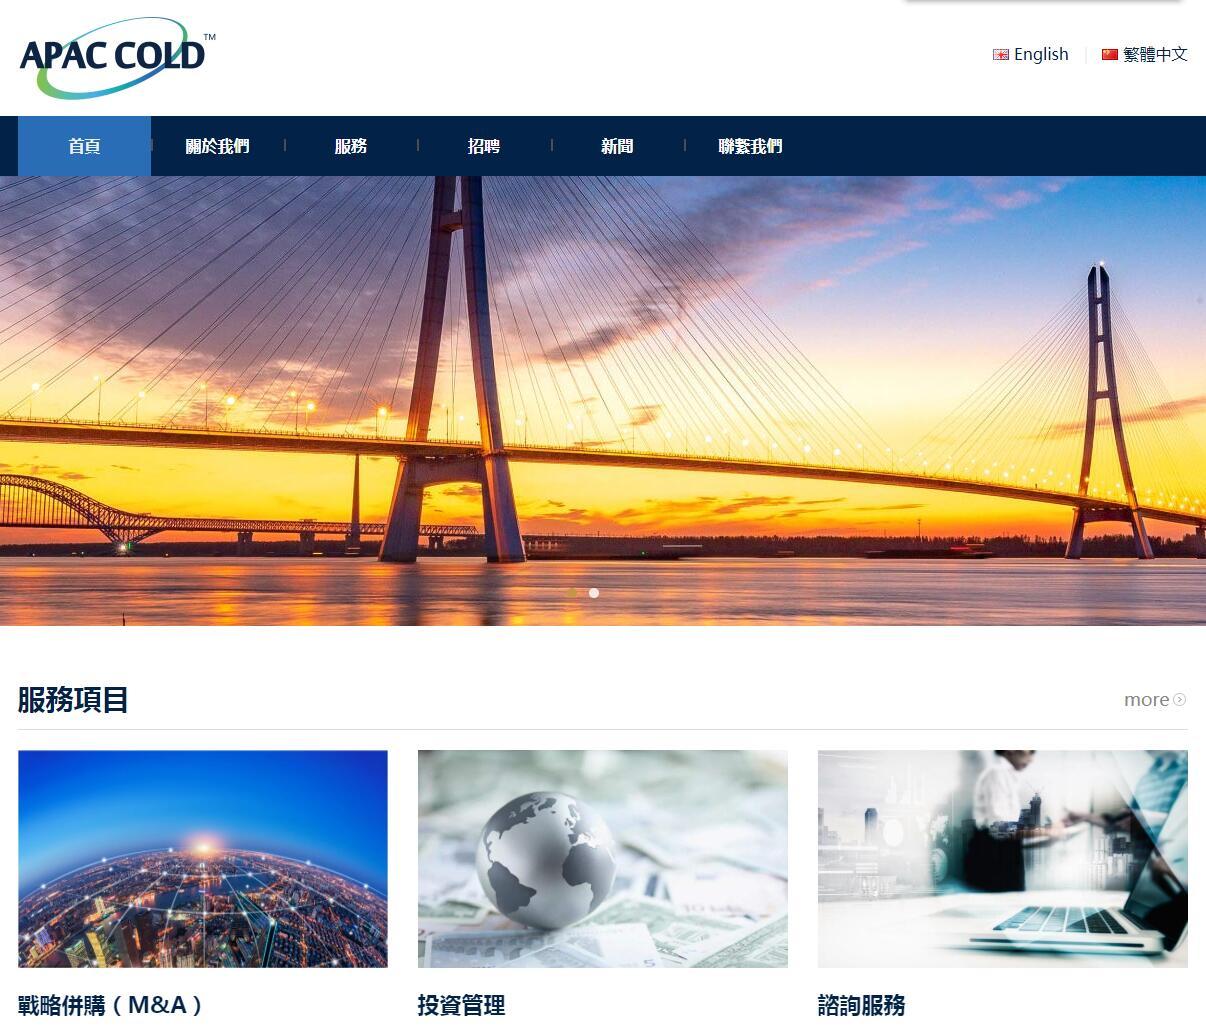 亚太冷国际供应链服务型自适应企业网站定制